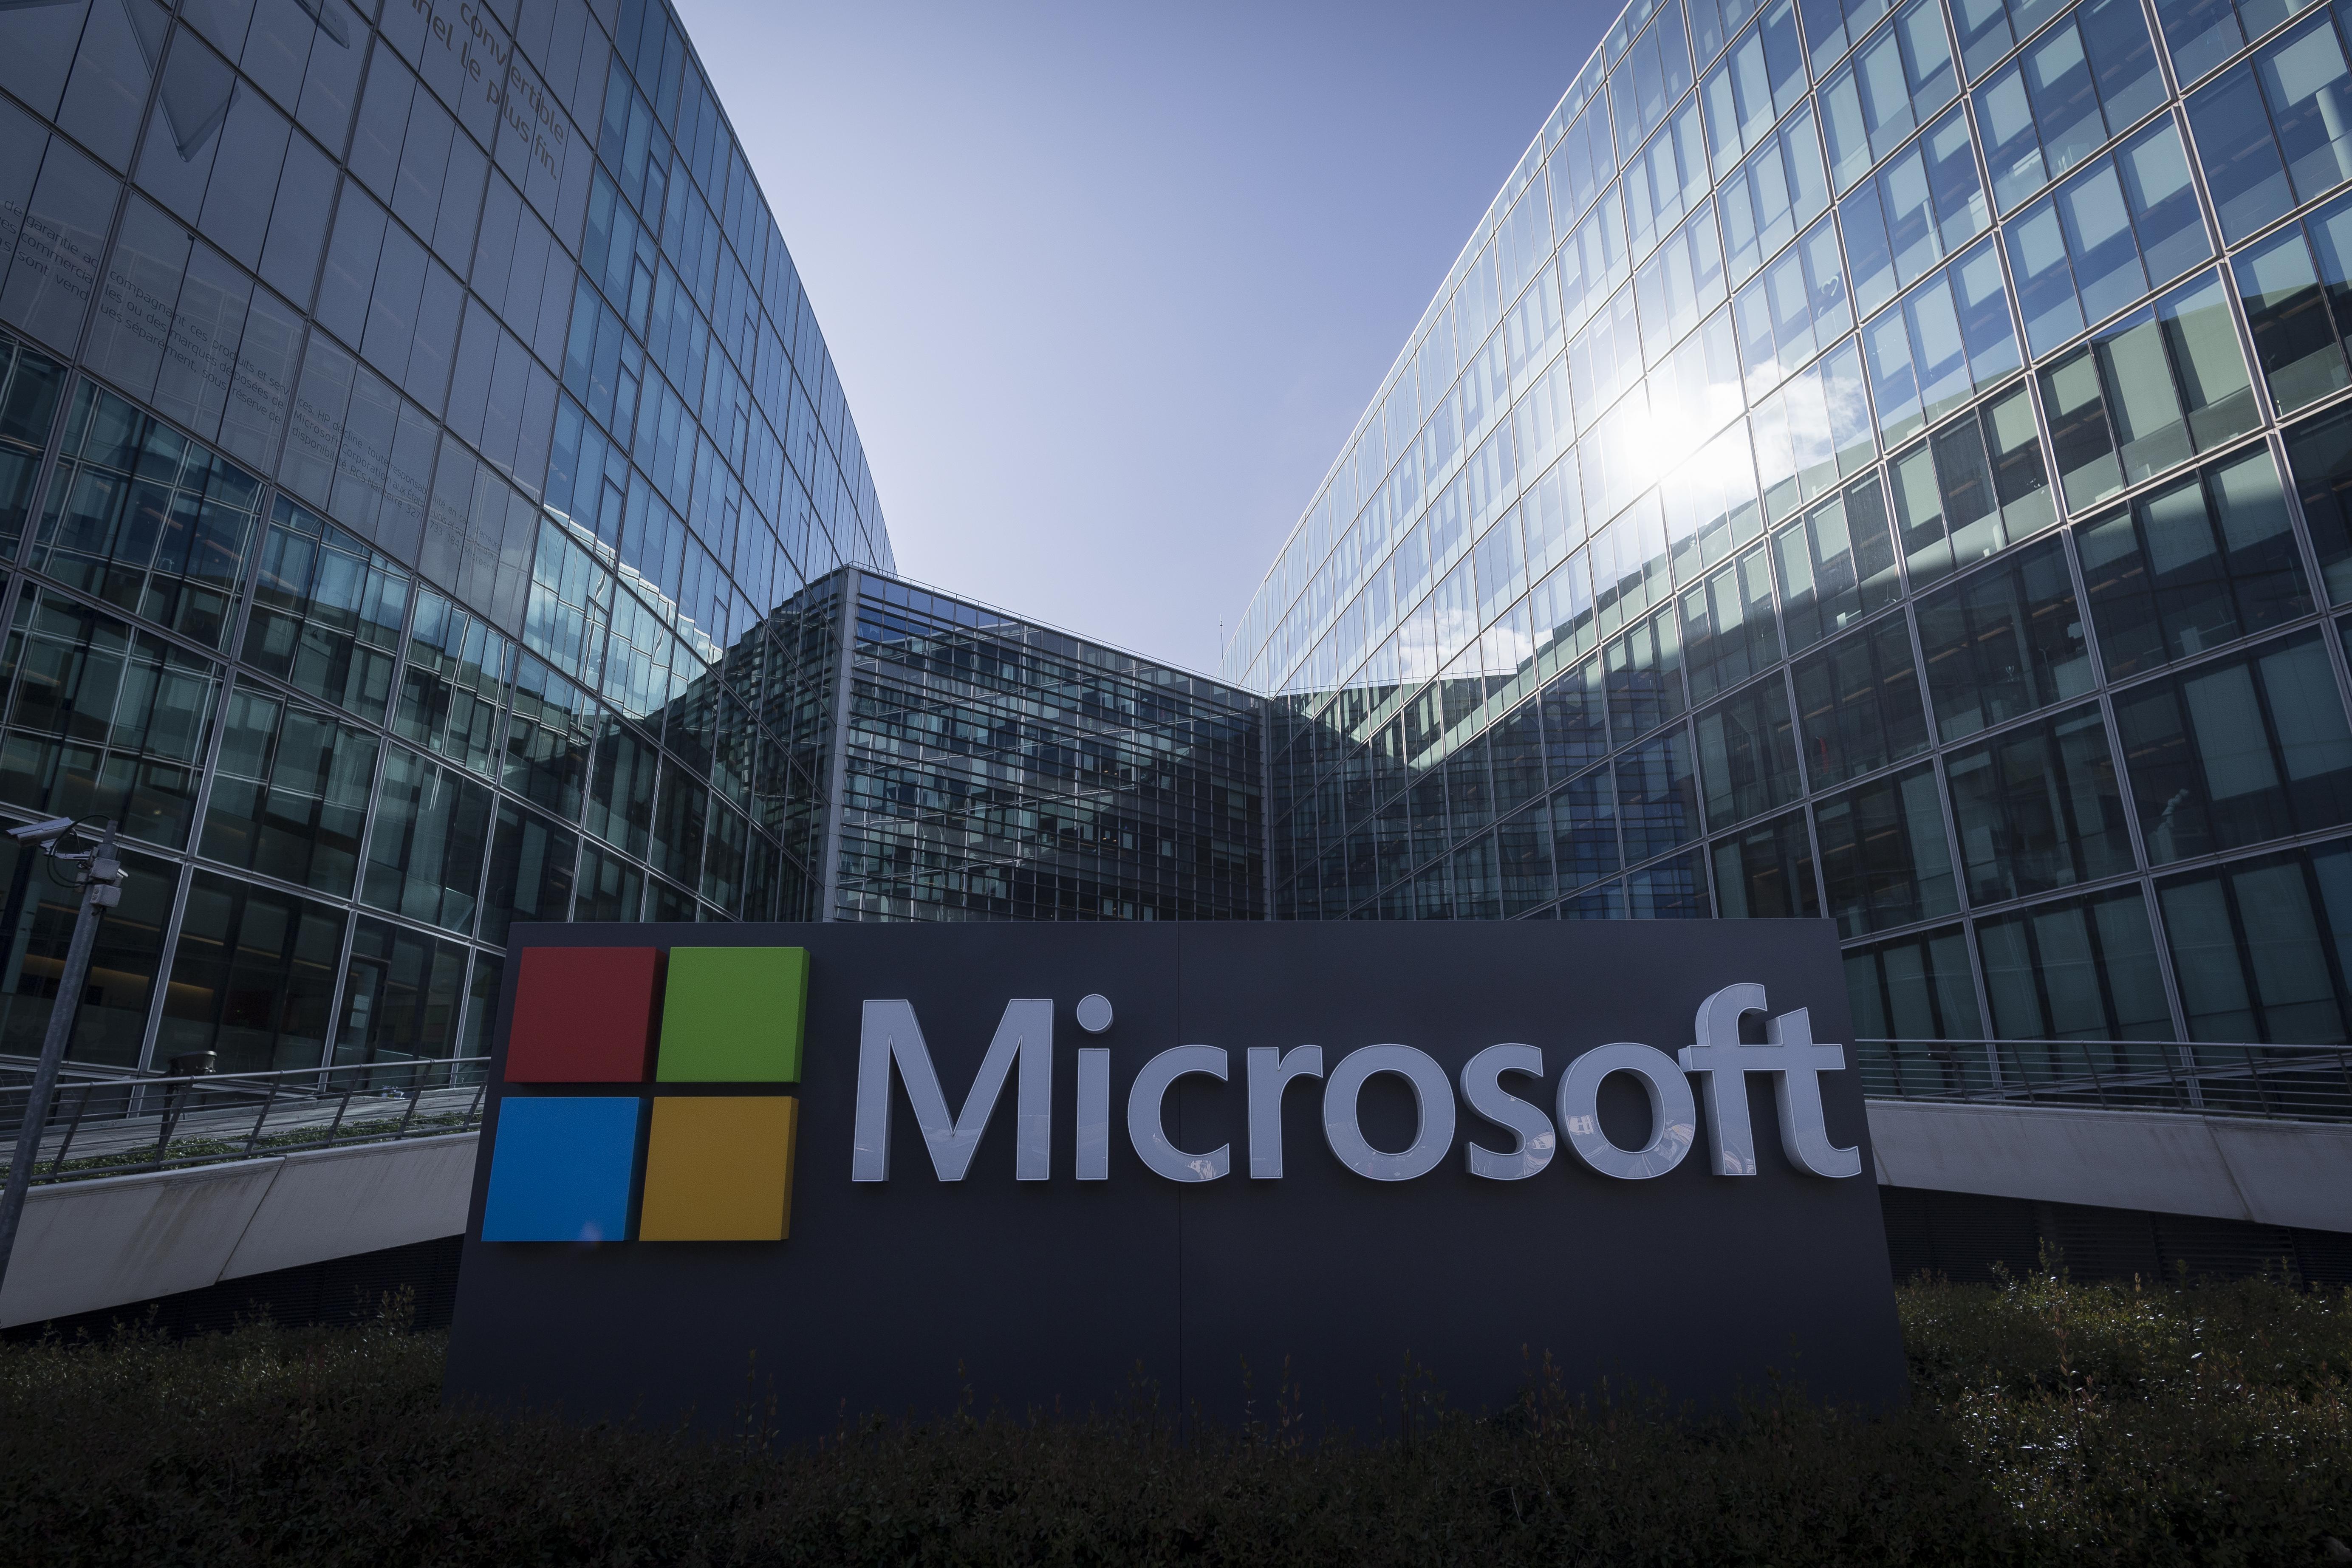 مايكروسوفت دخلت في مفاوضات للاستحواذ على أنشطة التطبيق في الولايات المتحدة